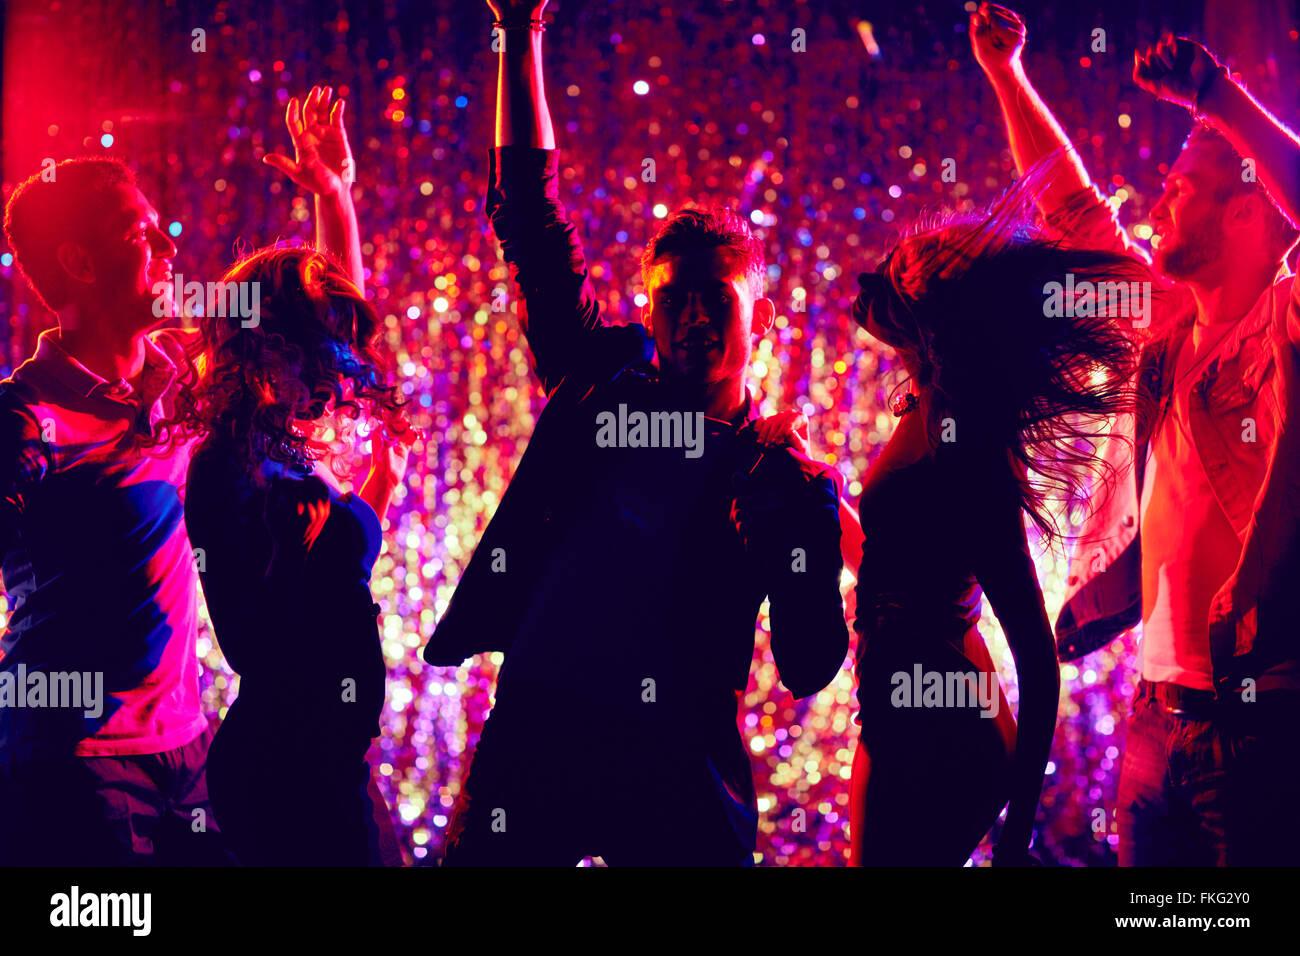 Los jóvenes bailando en parte Imagen De Stock